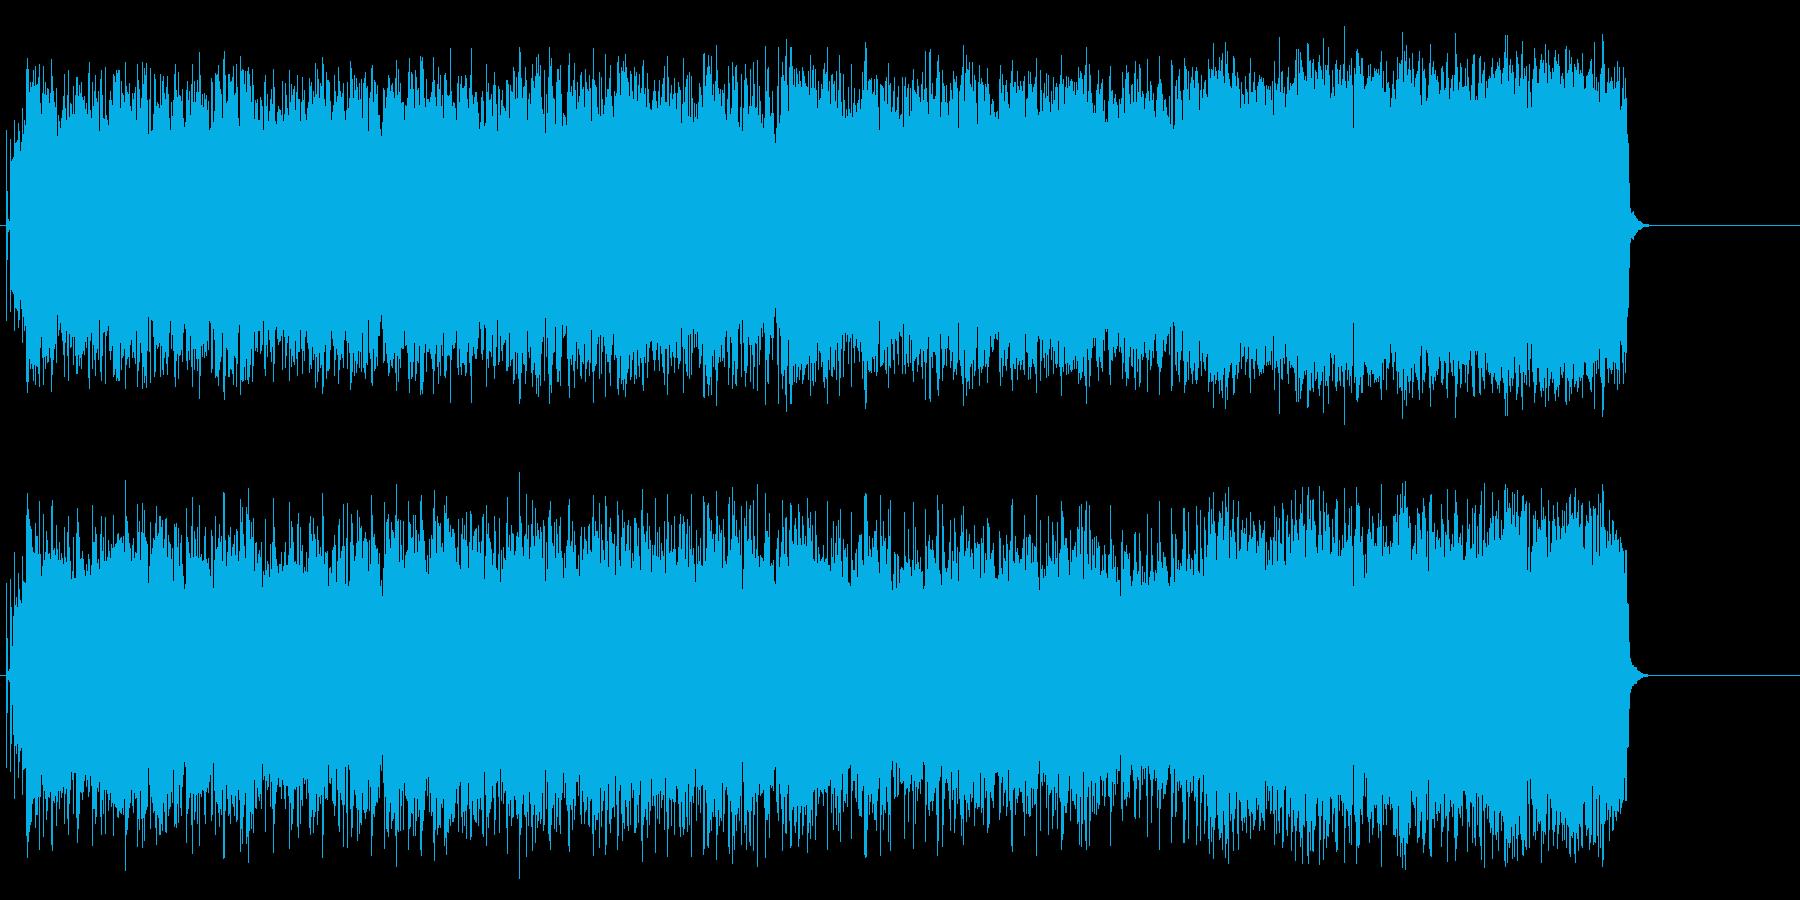 重厚ギターのアメリカンロックハードブギーの再生済みの波形